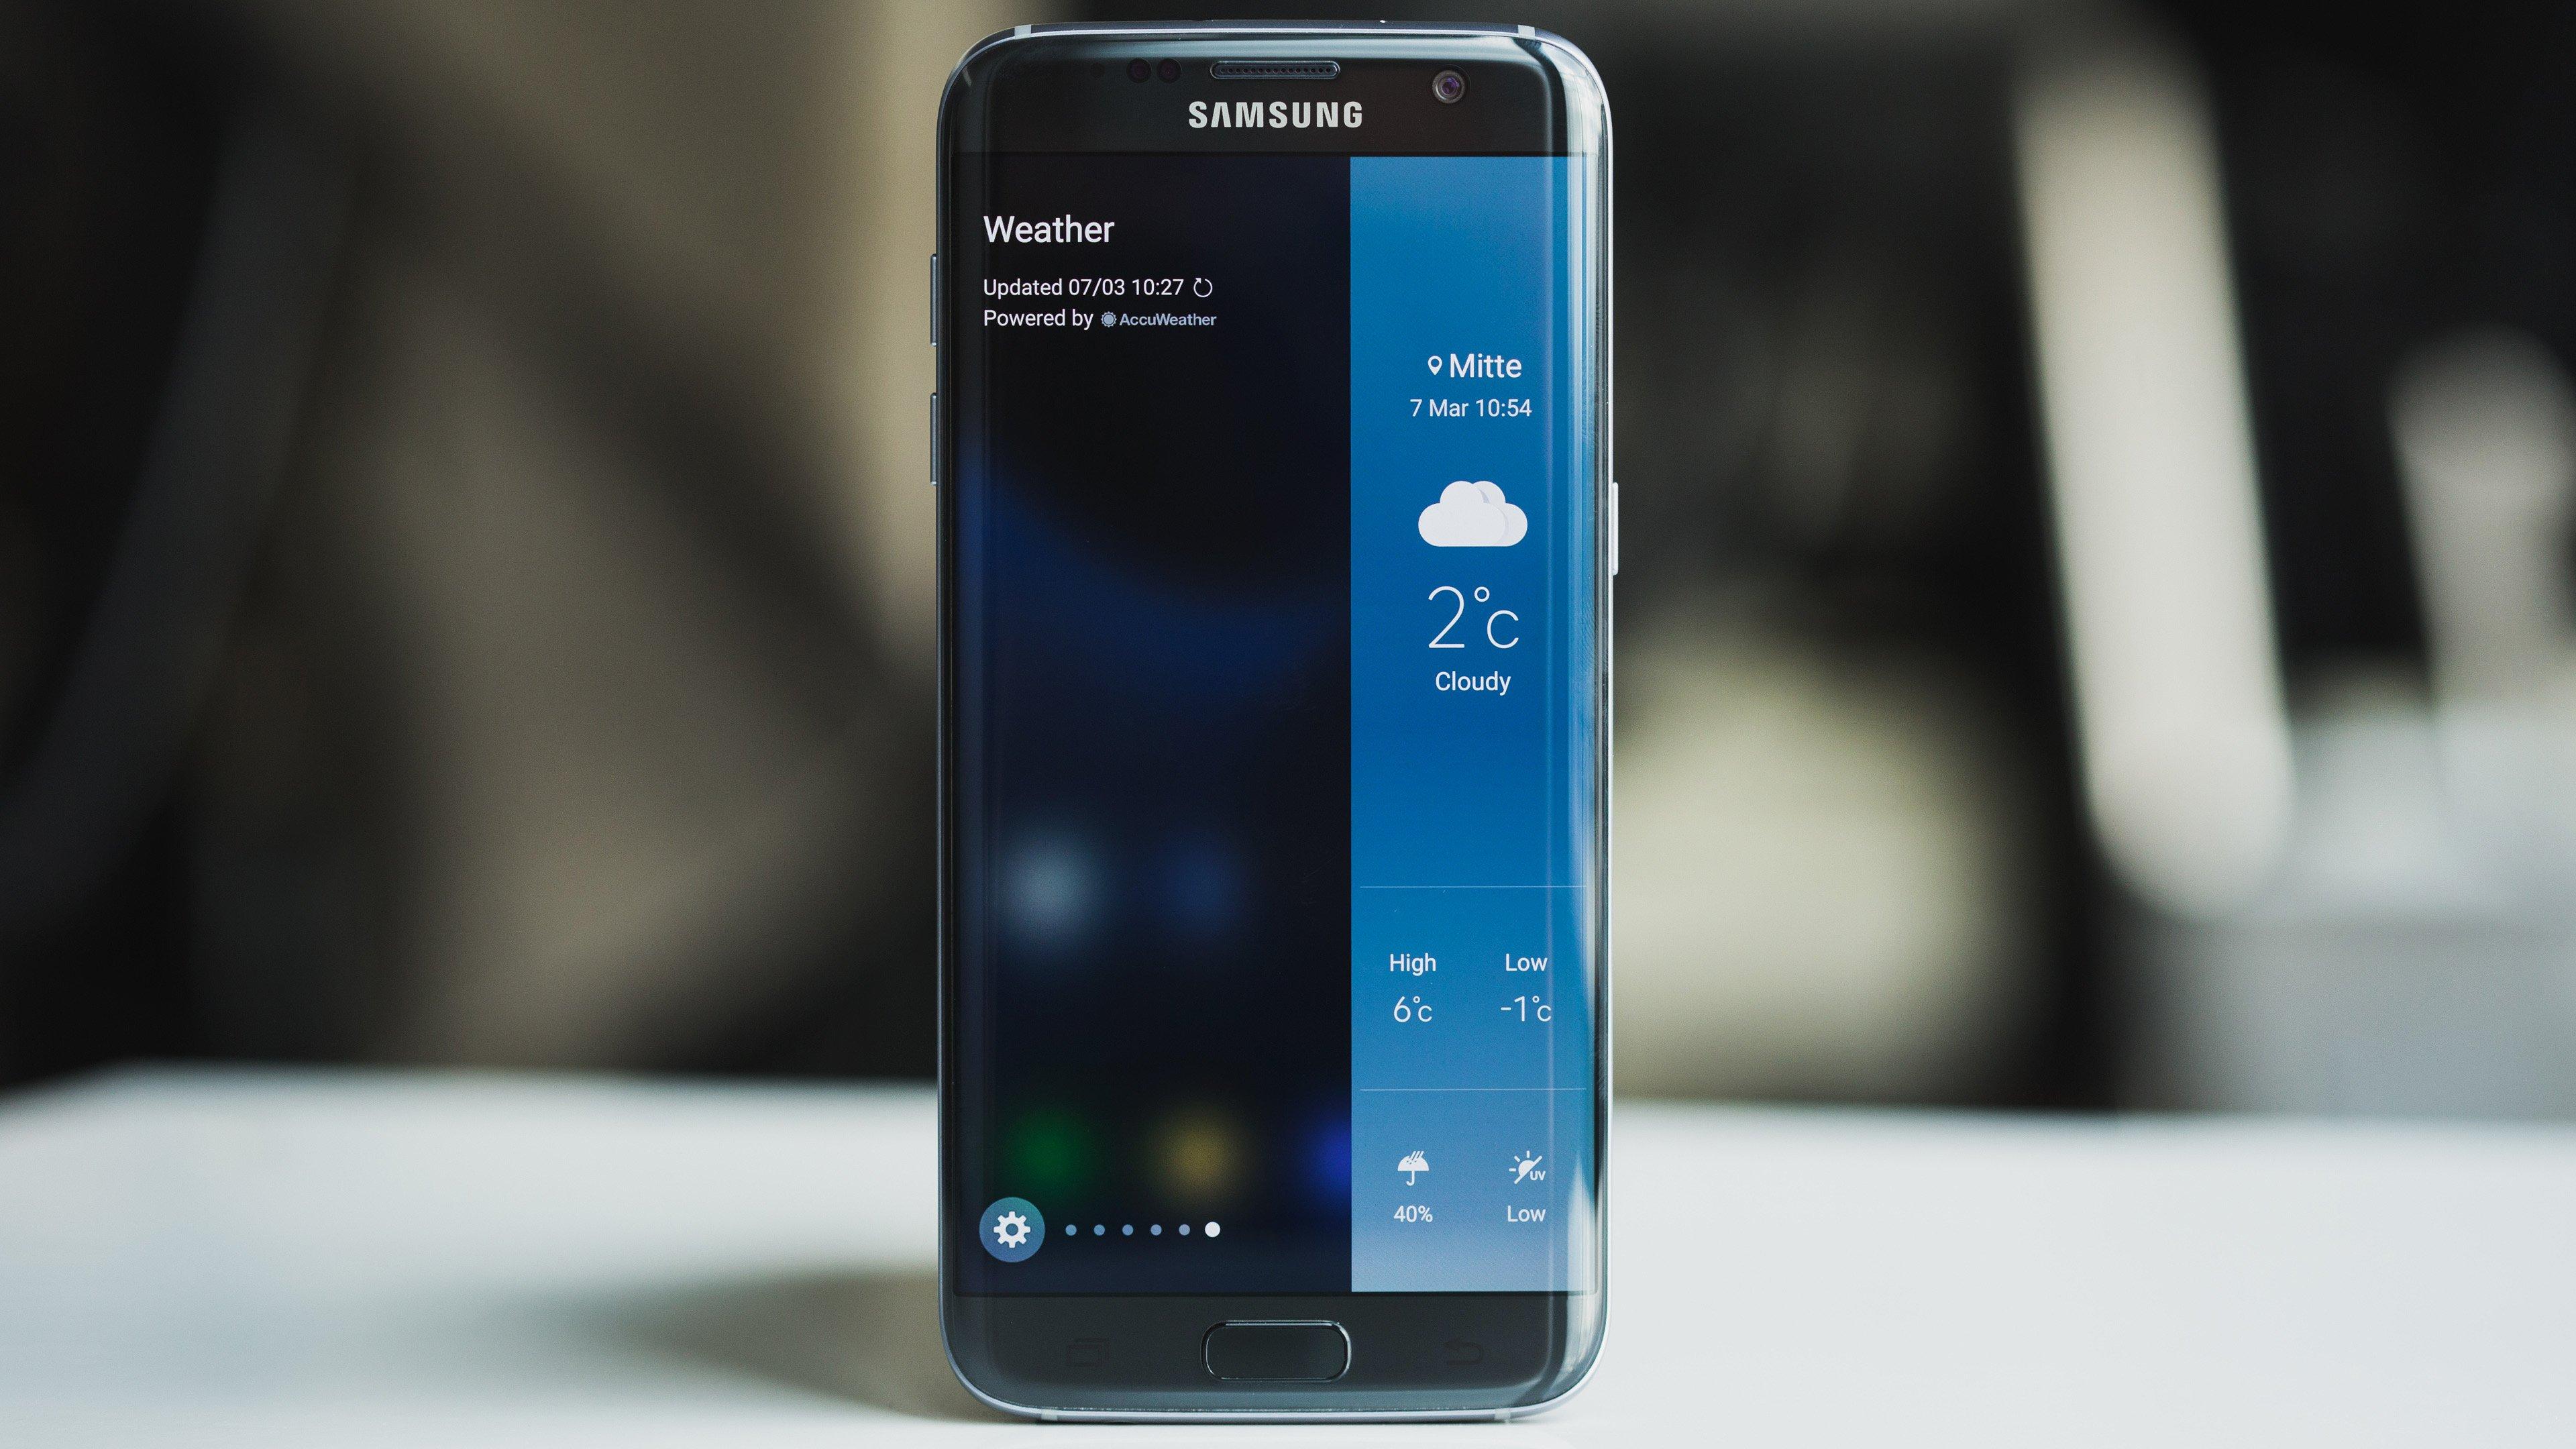 Ative ou desative o GPS no Samsung Galaxy S7 edge Android 6.0